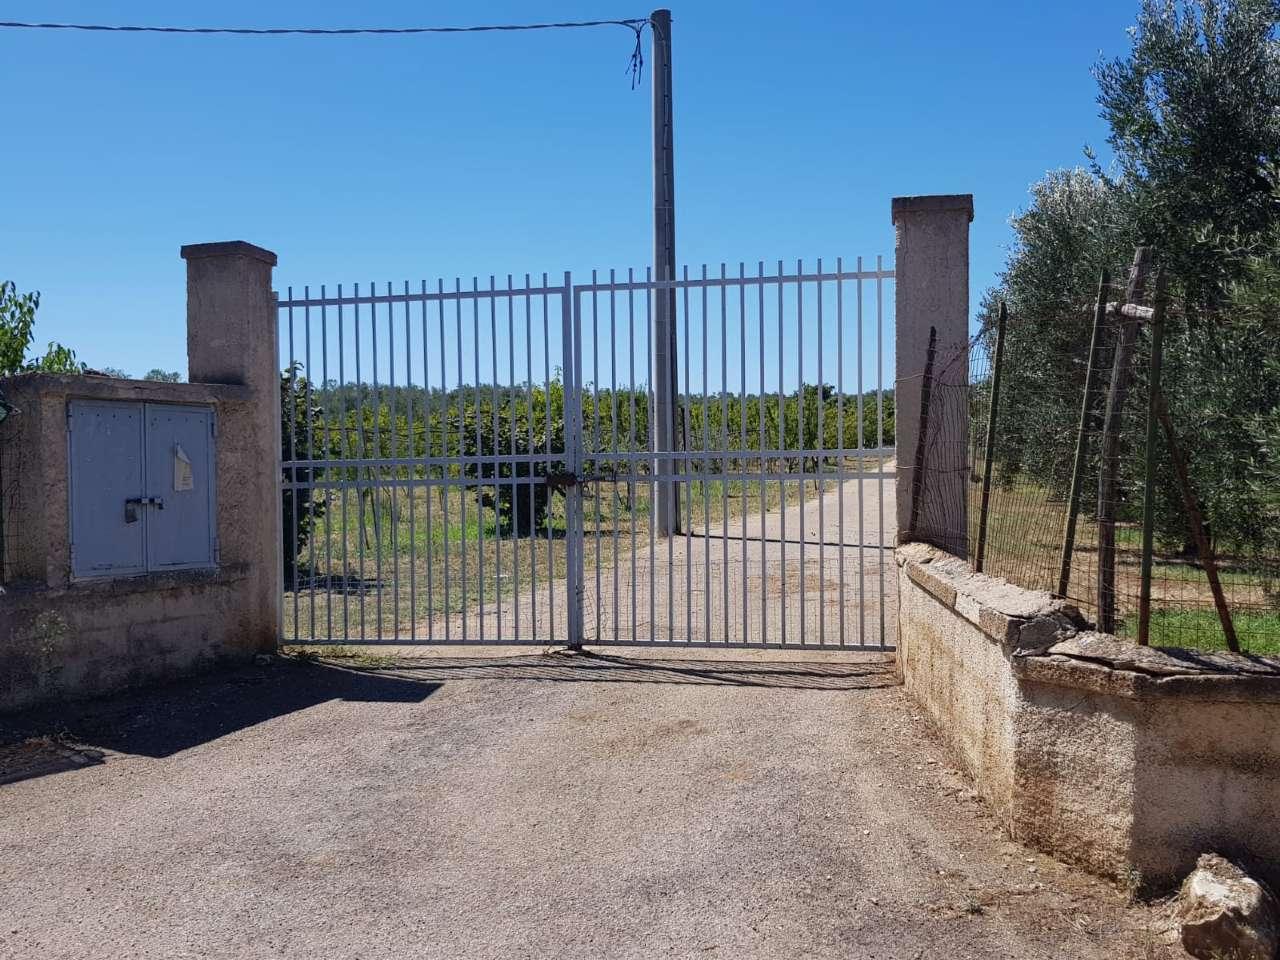 Terreno Agricolo in vendita a Bisceglie, 9999 locali, prezzo € 175.000 | CambioCasa.it